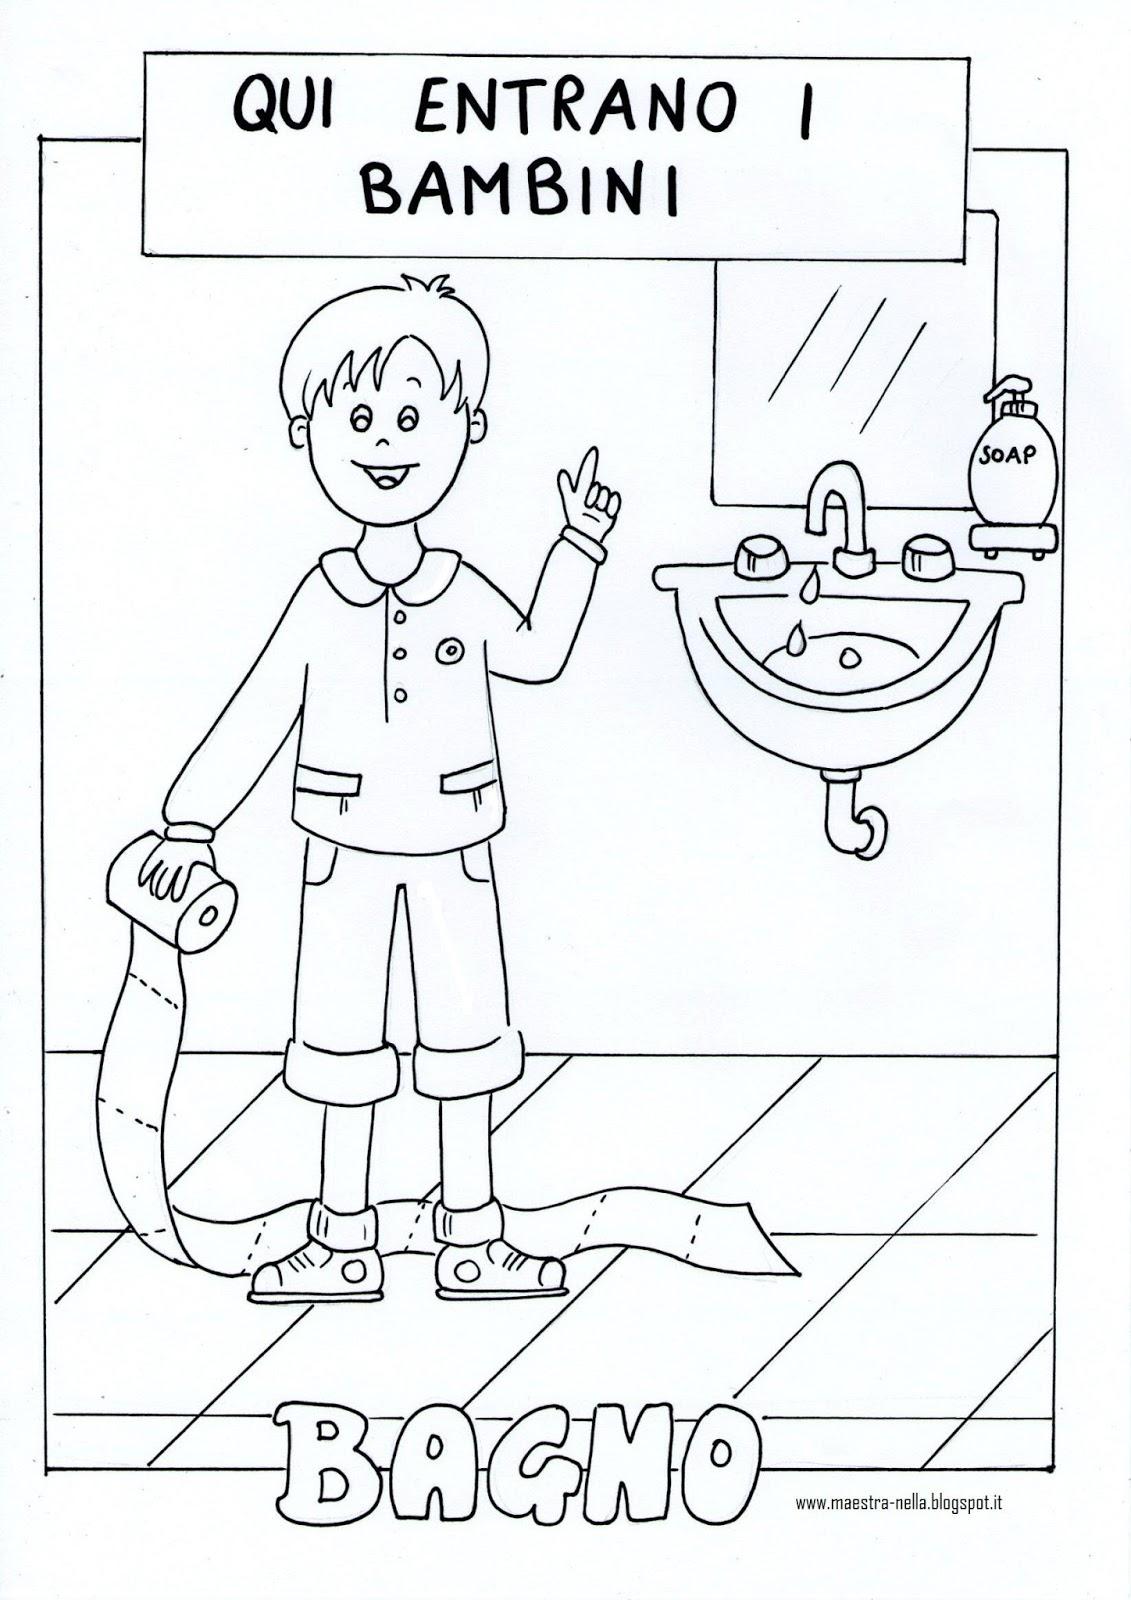 Maestra nella cartelloni per la porta del bagno - Non vado in bagno ...